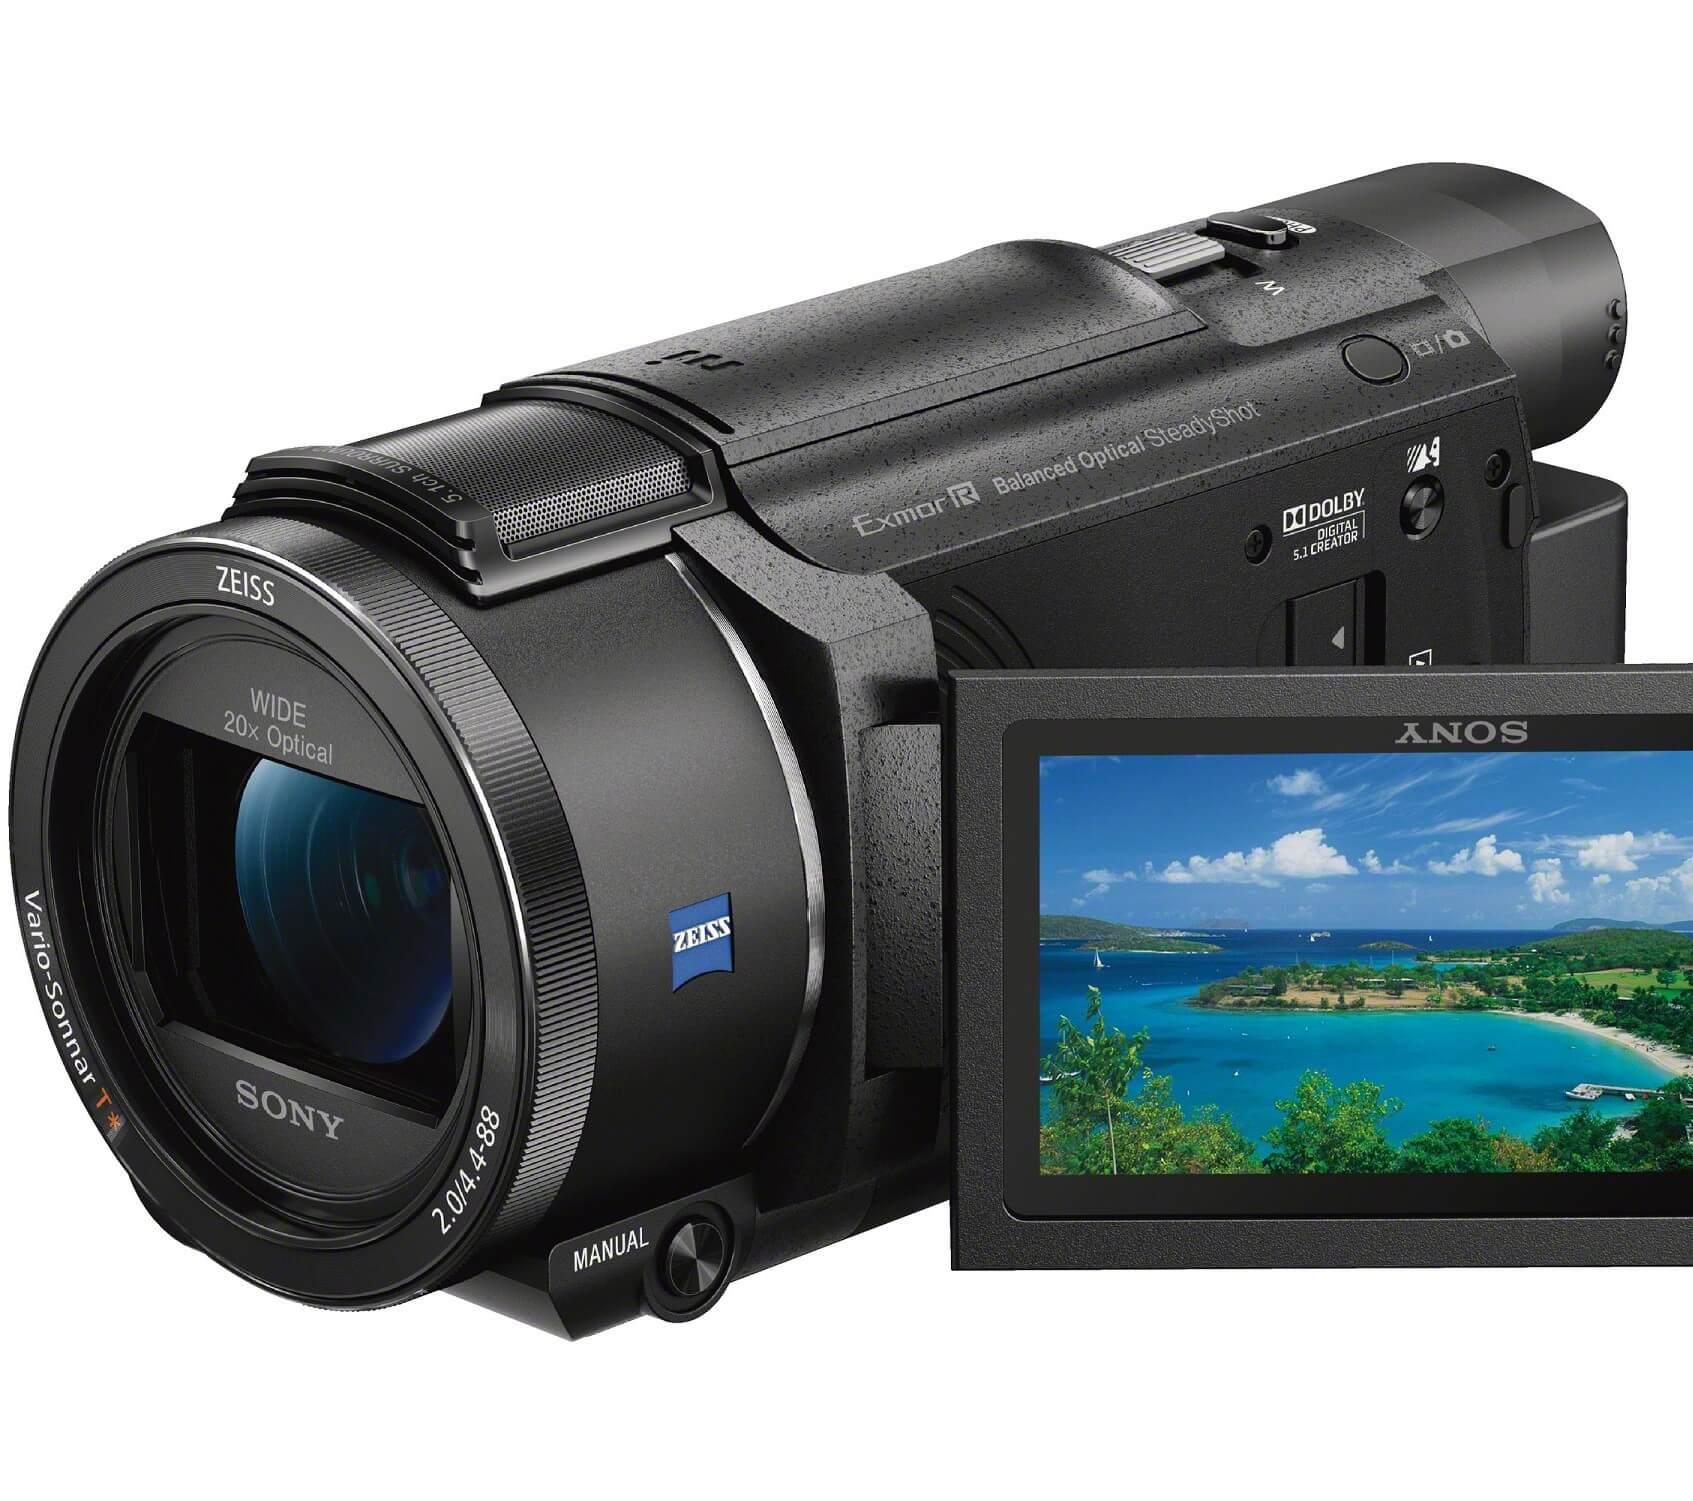 【CES2016速報】ソニー、新型4Kハンディカム「FDR-AX55」及び4K/HDR対応新BRAVIA「X93D」シリーズを発表